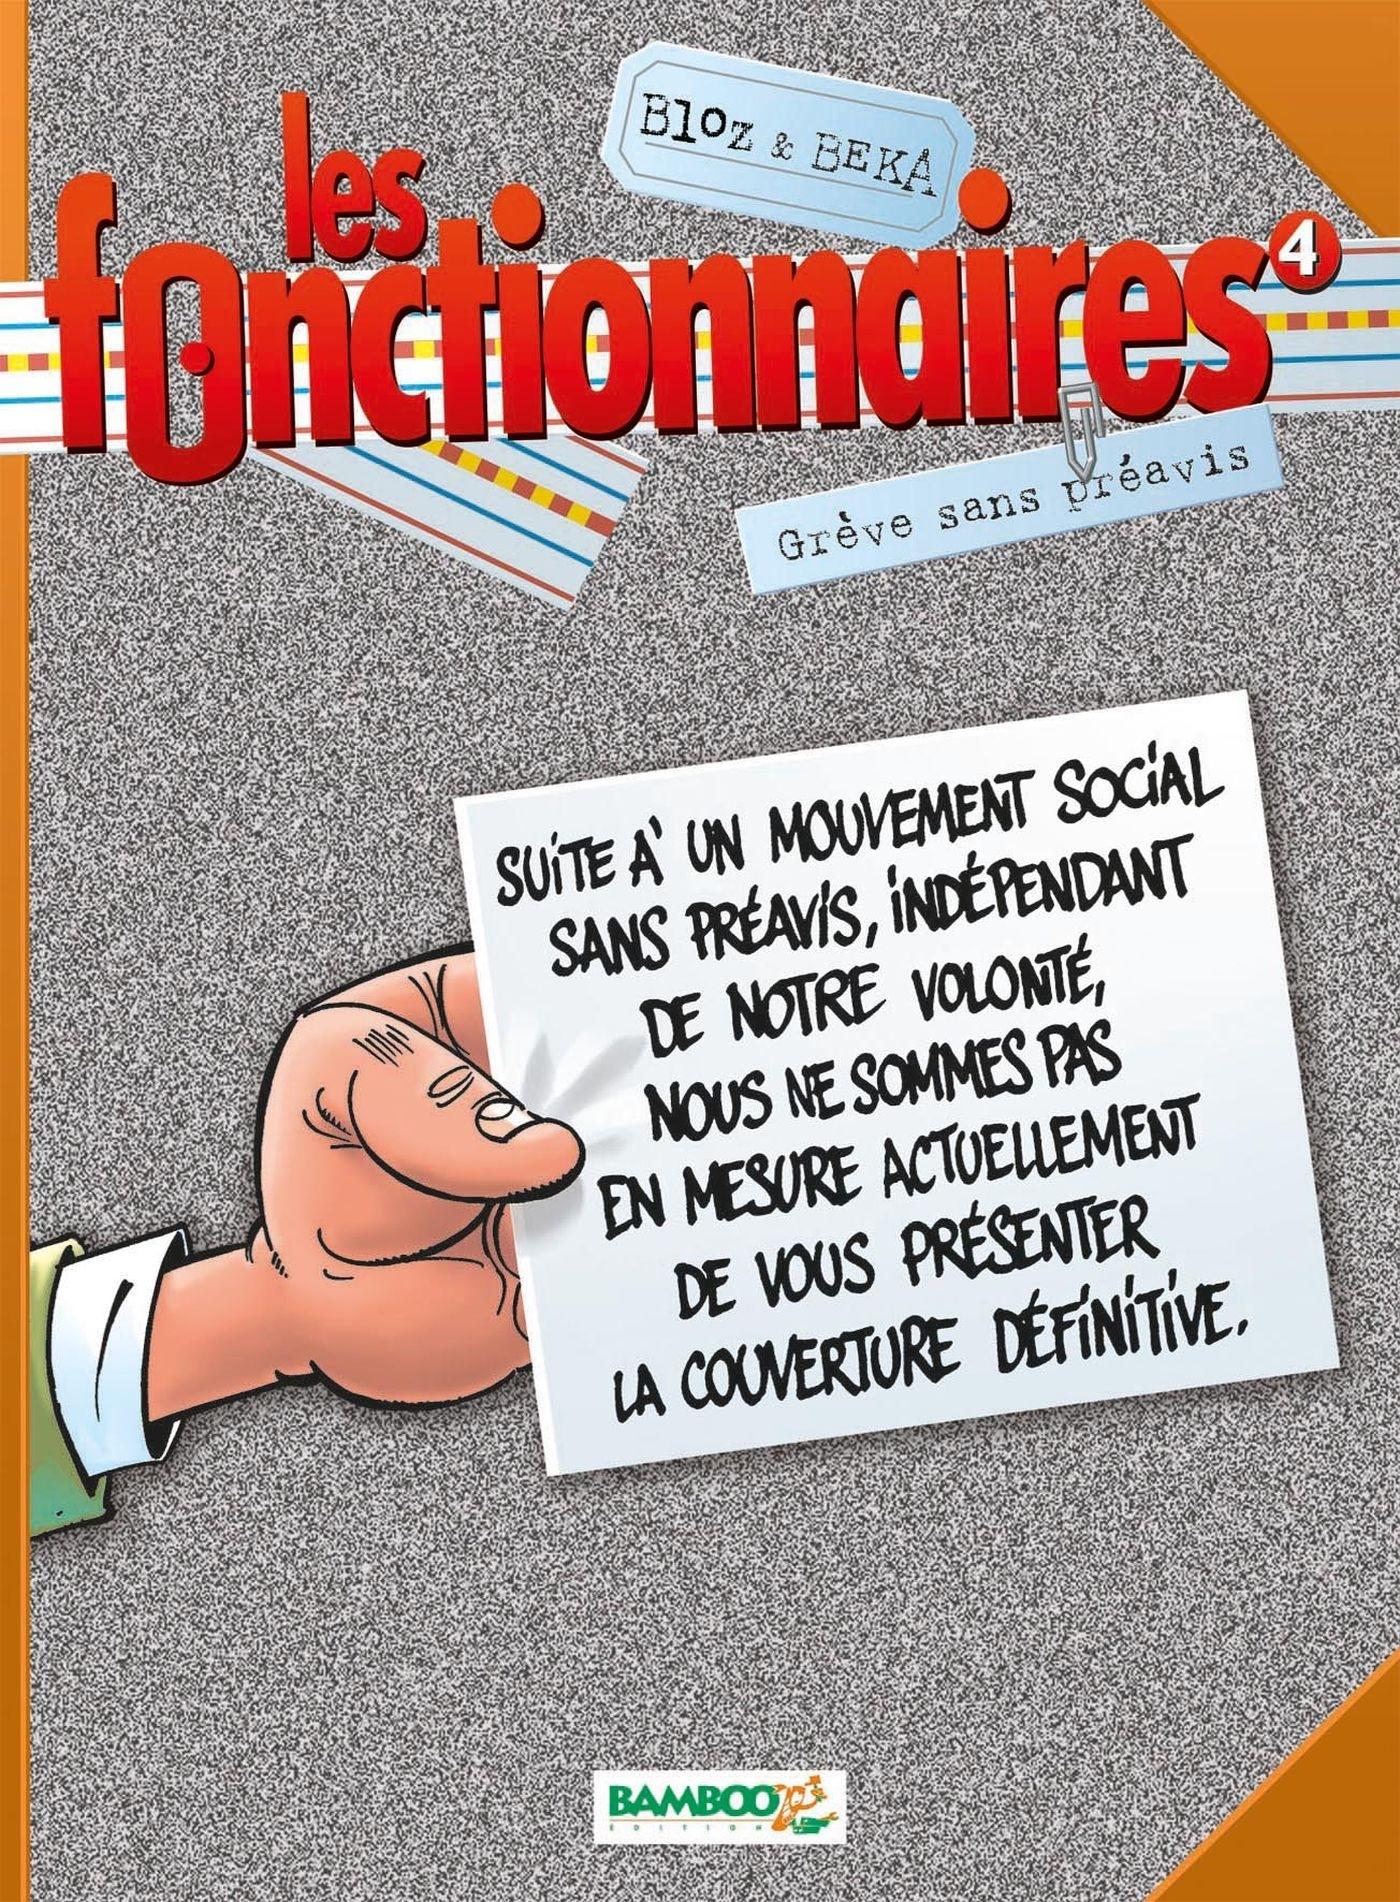 LES FONCTIONNAIRES - TOME 4 - GREVE SANS PREAVIS